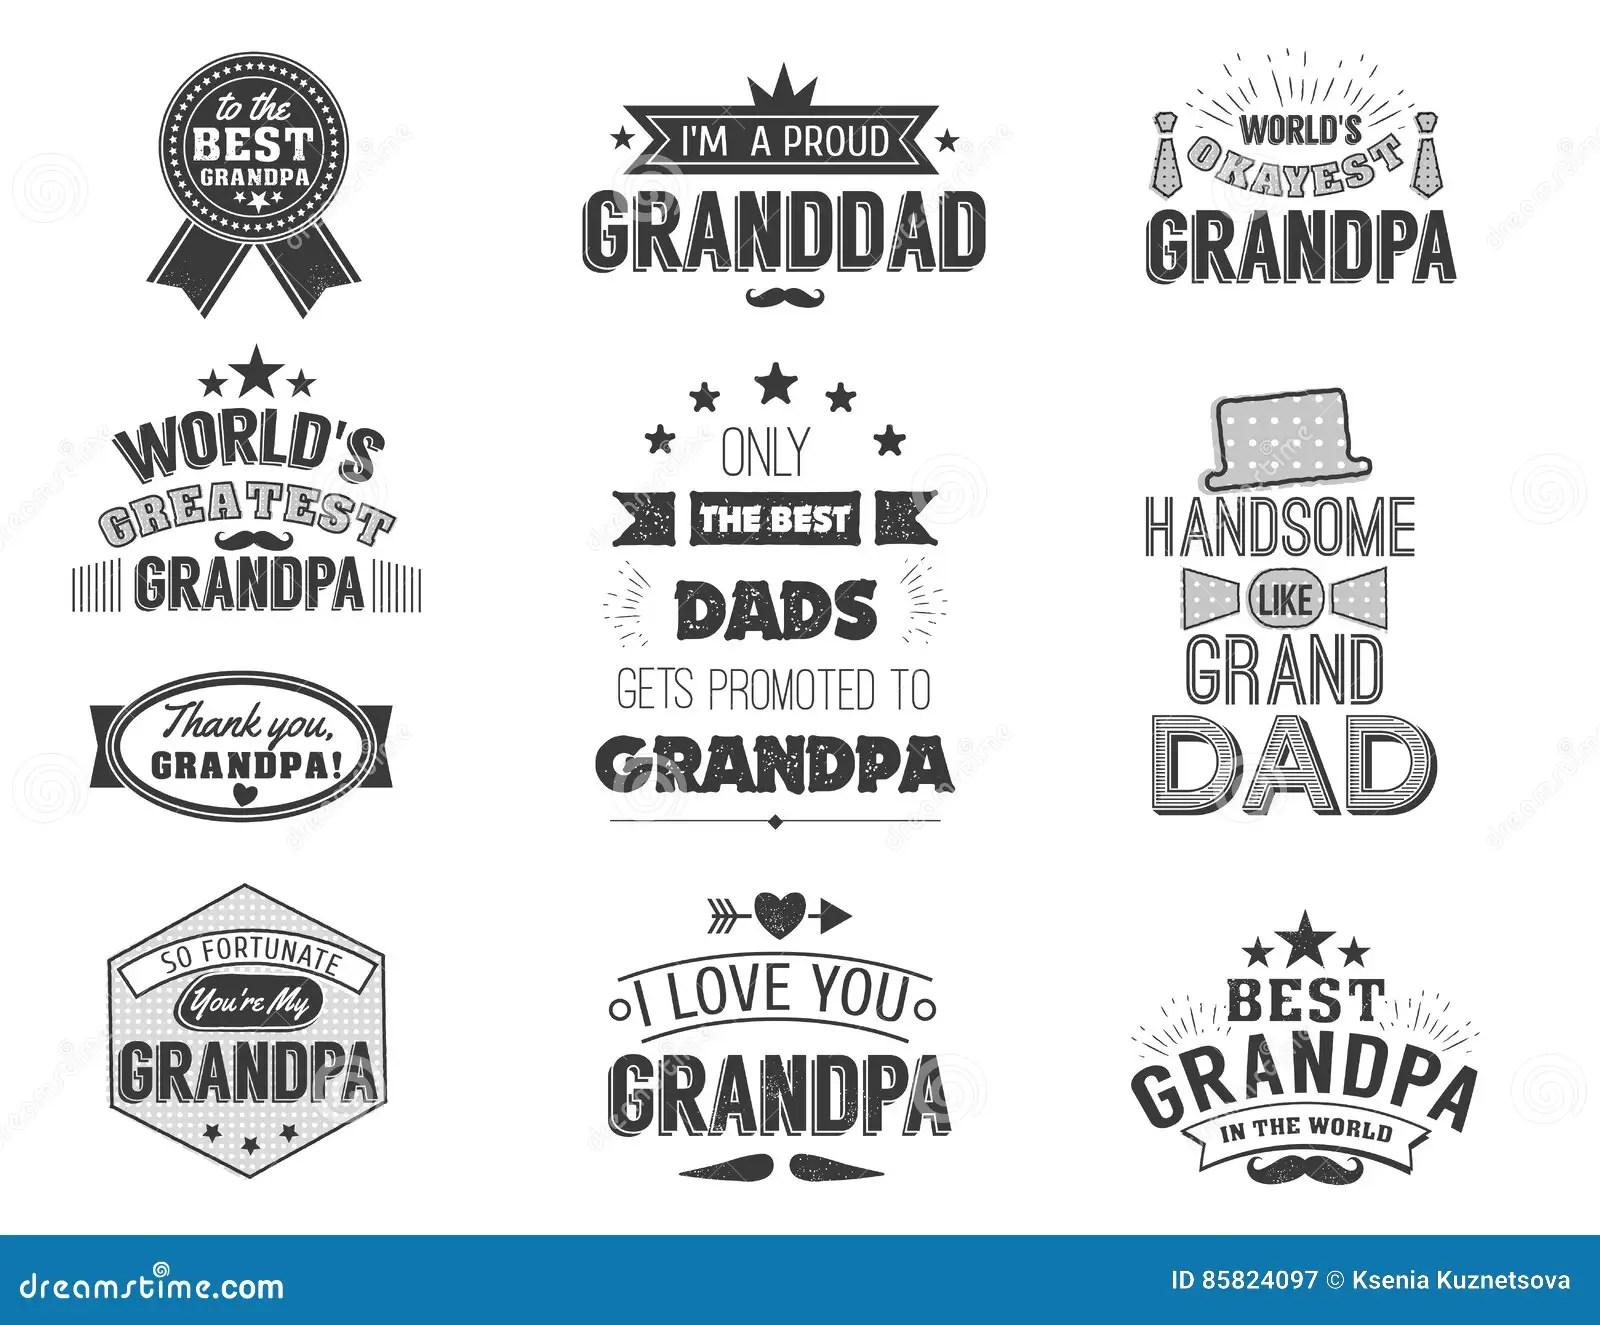 grandpa clipart